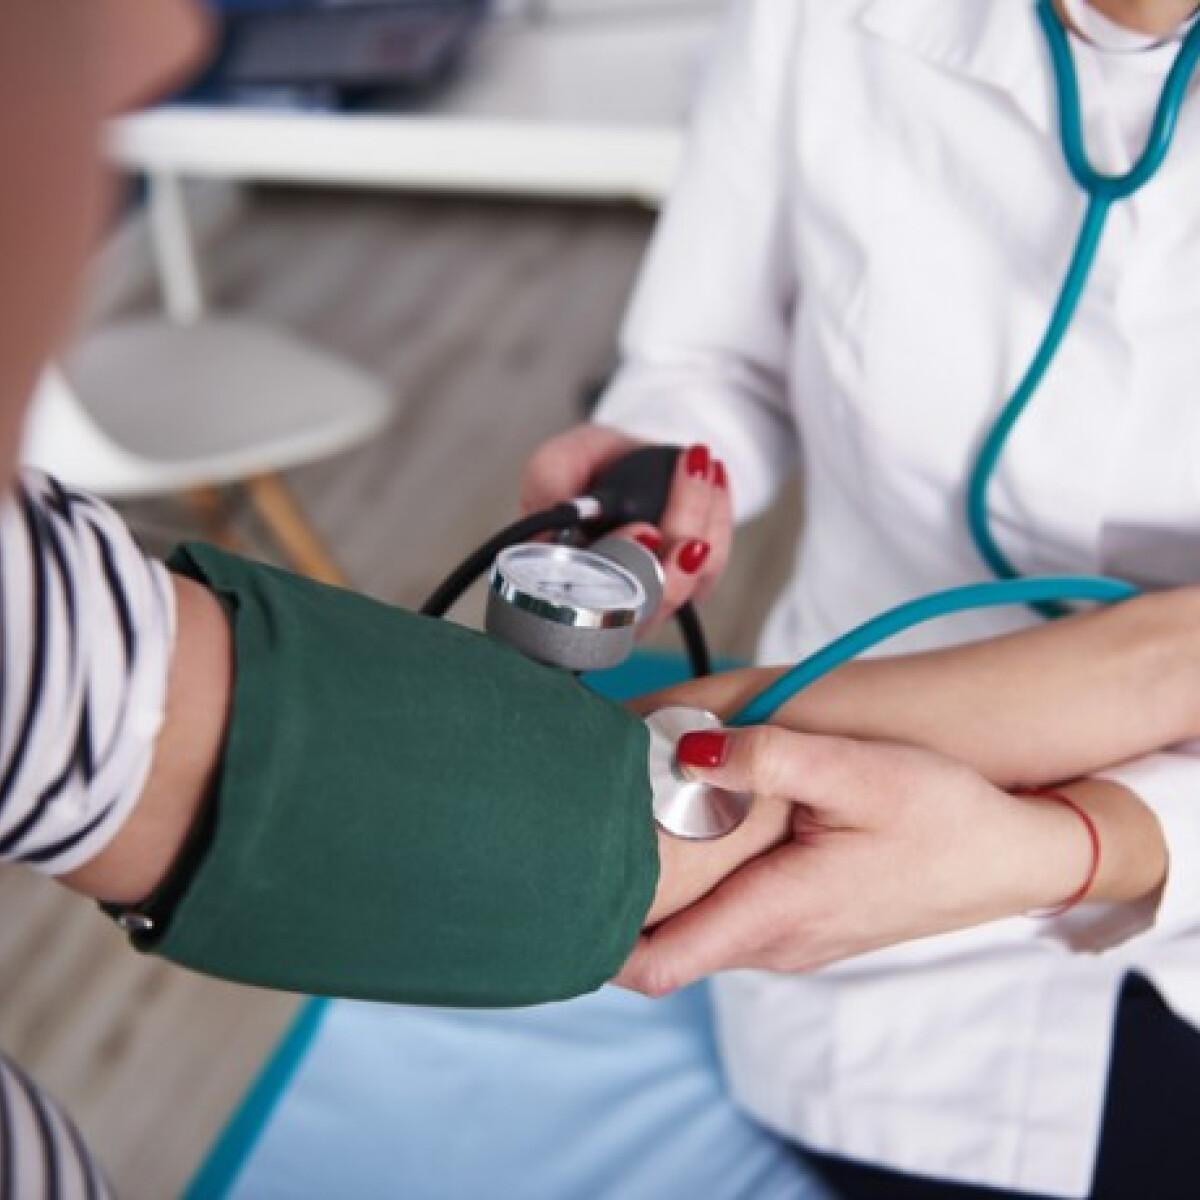 Heti étrend hipertóniás betegek számára - Diéta tizenéves diákok számáran